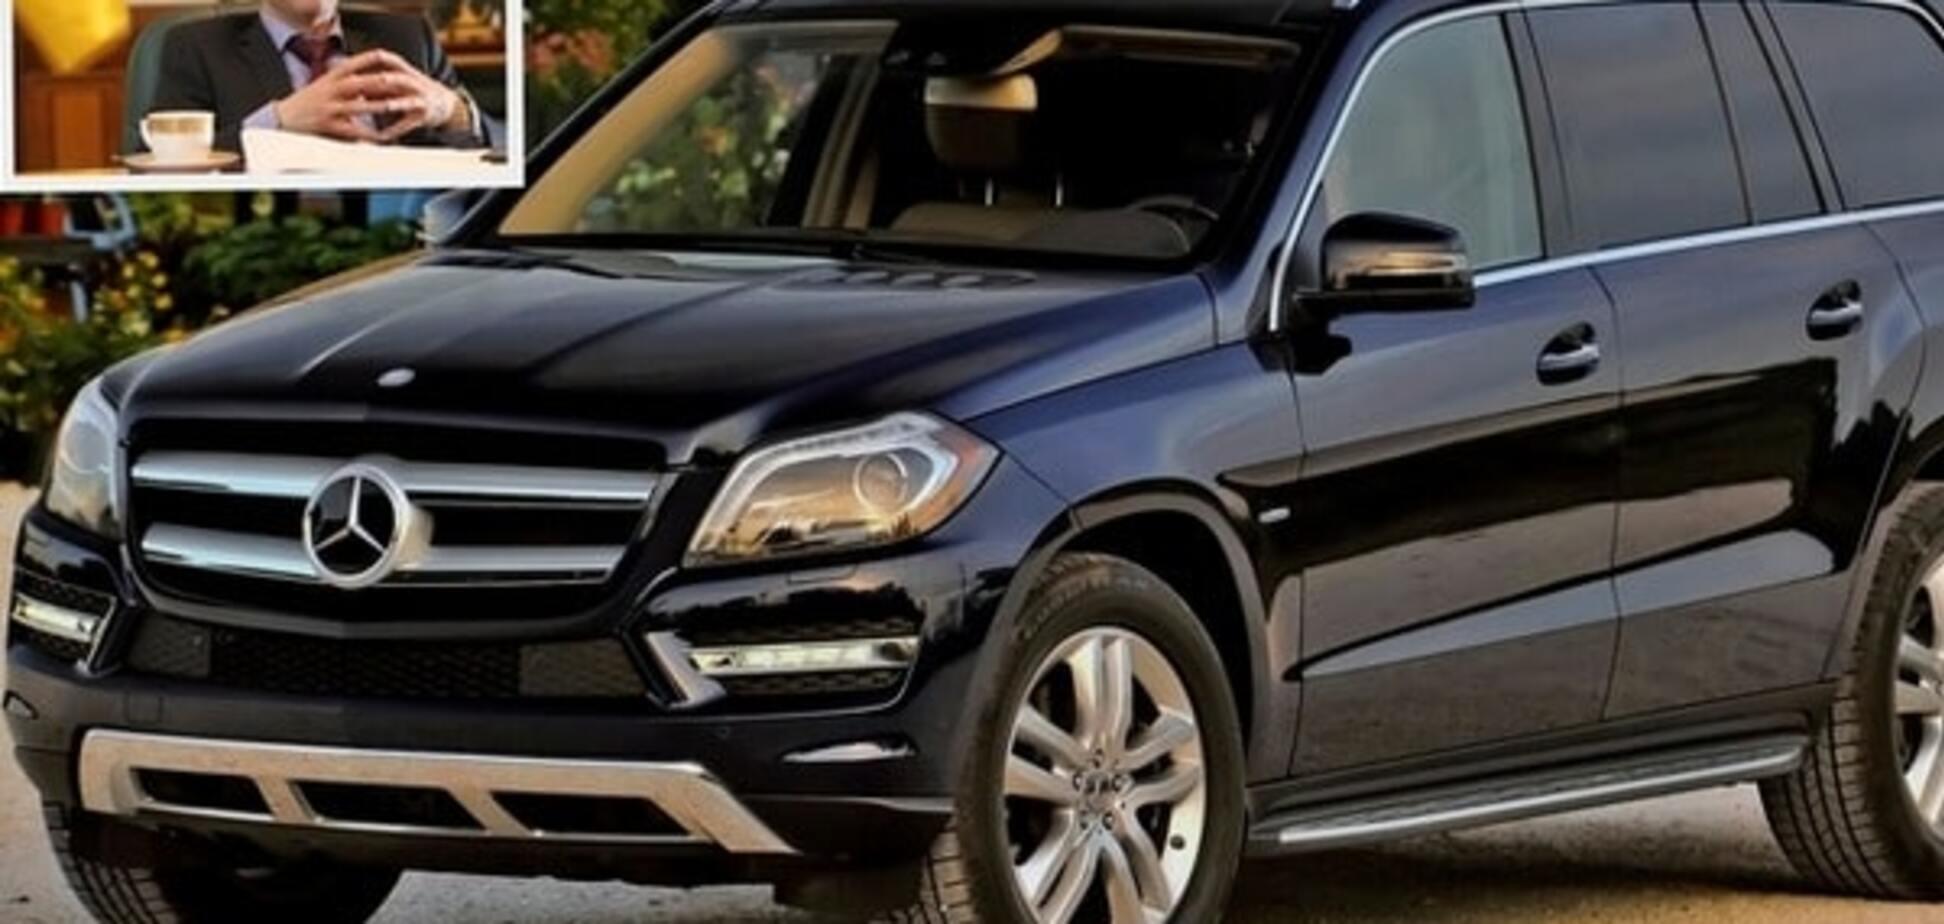 СМИ: у Пашинского появился Mercedes за 3,5 млн грн. Опубликованы фото, видео